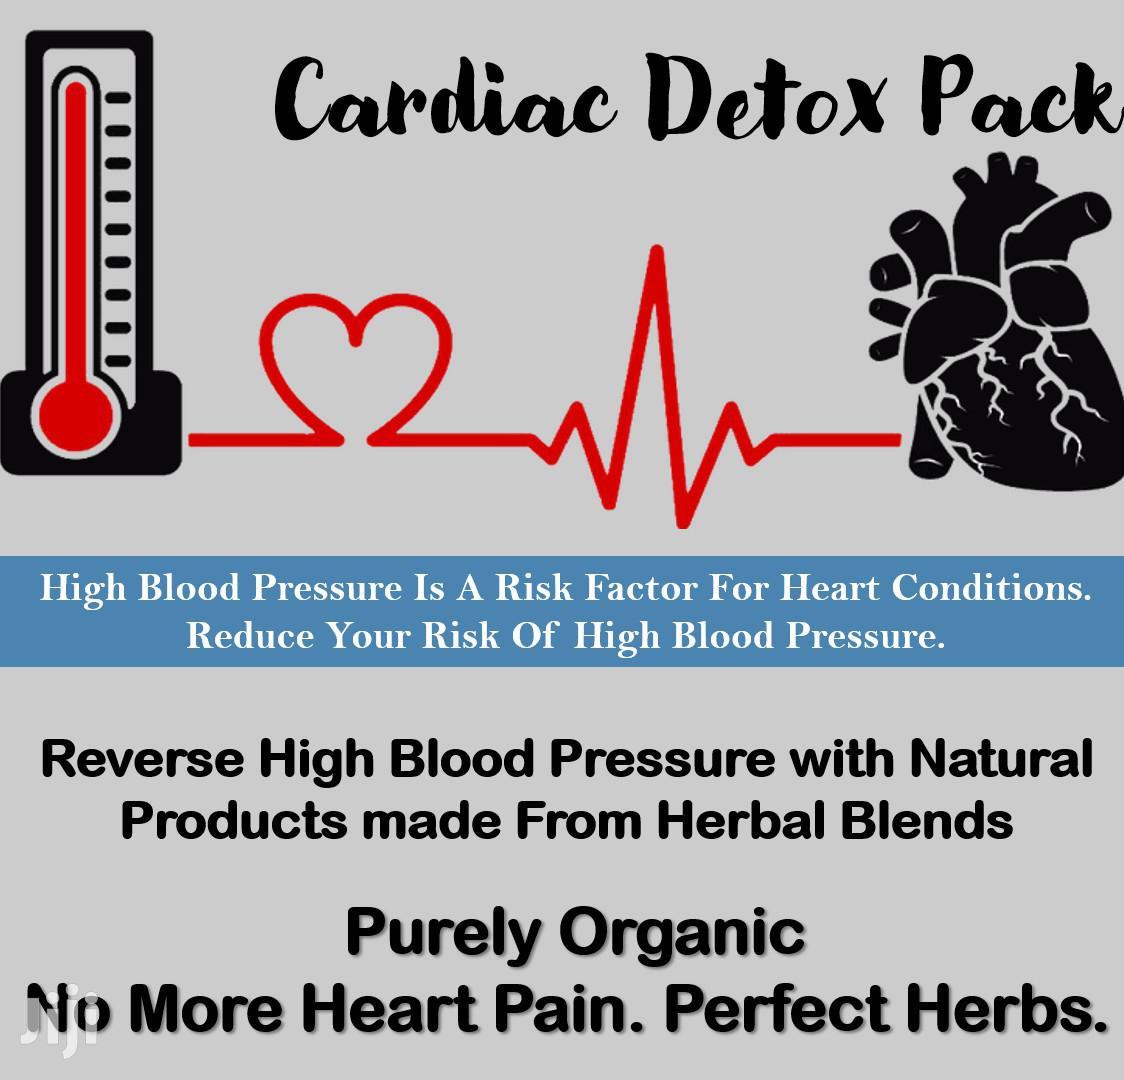 CARDIAC DETOX PACK - High Blood Pressure